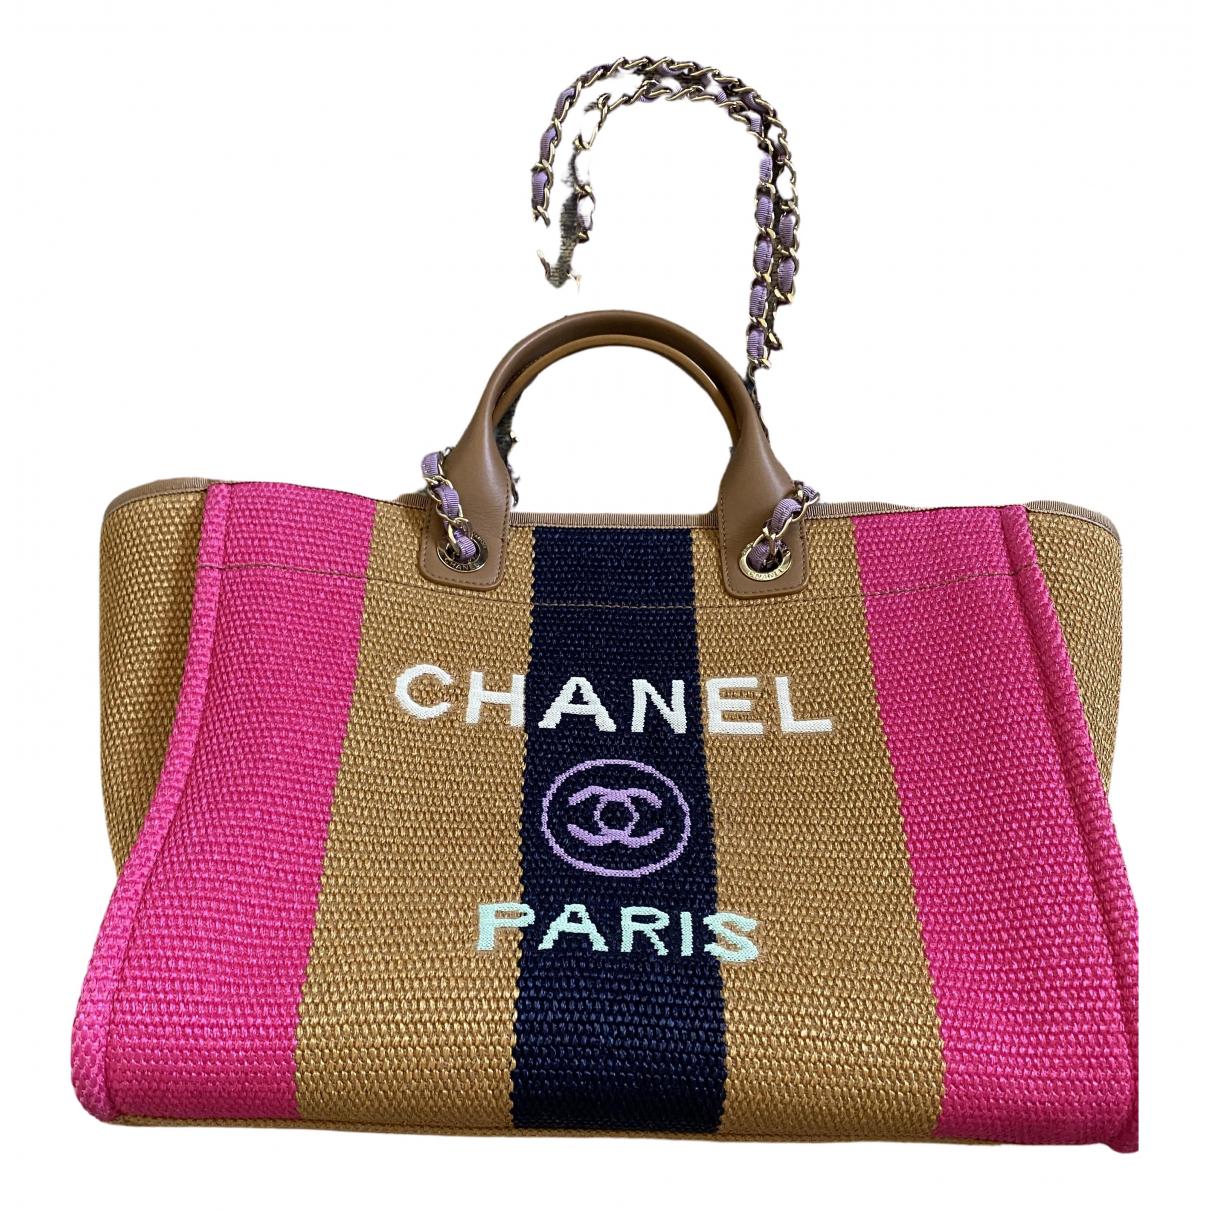 Cabas Deauville de Lona Chanel